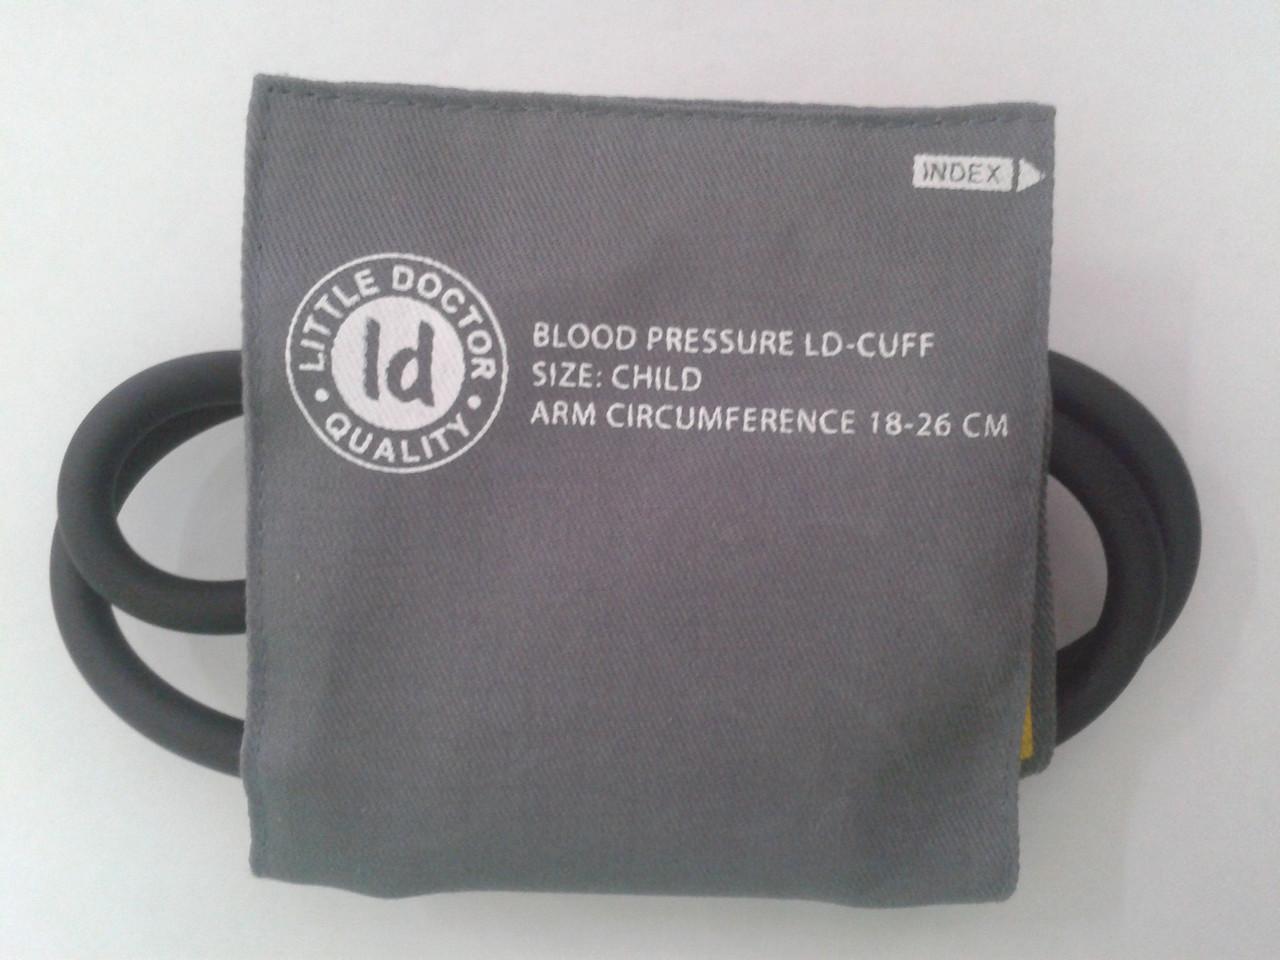 Манжета на механический тонометр LD (детская) 18-26 см.